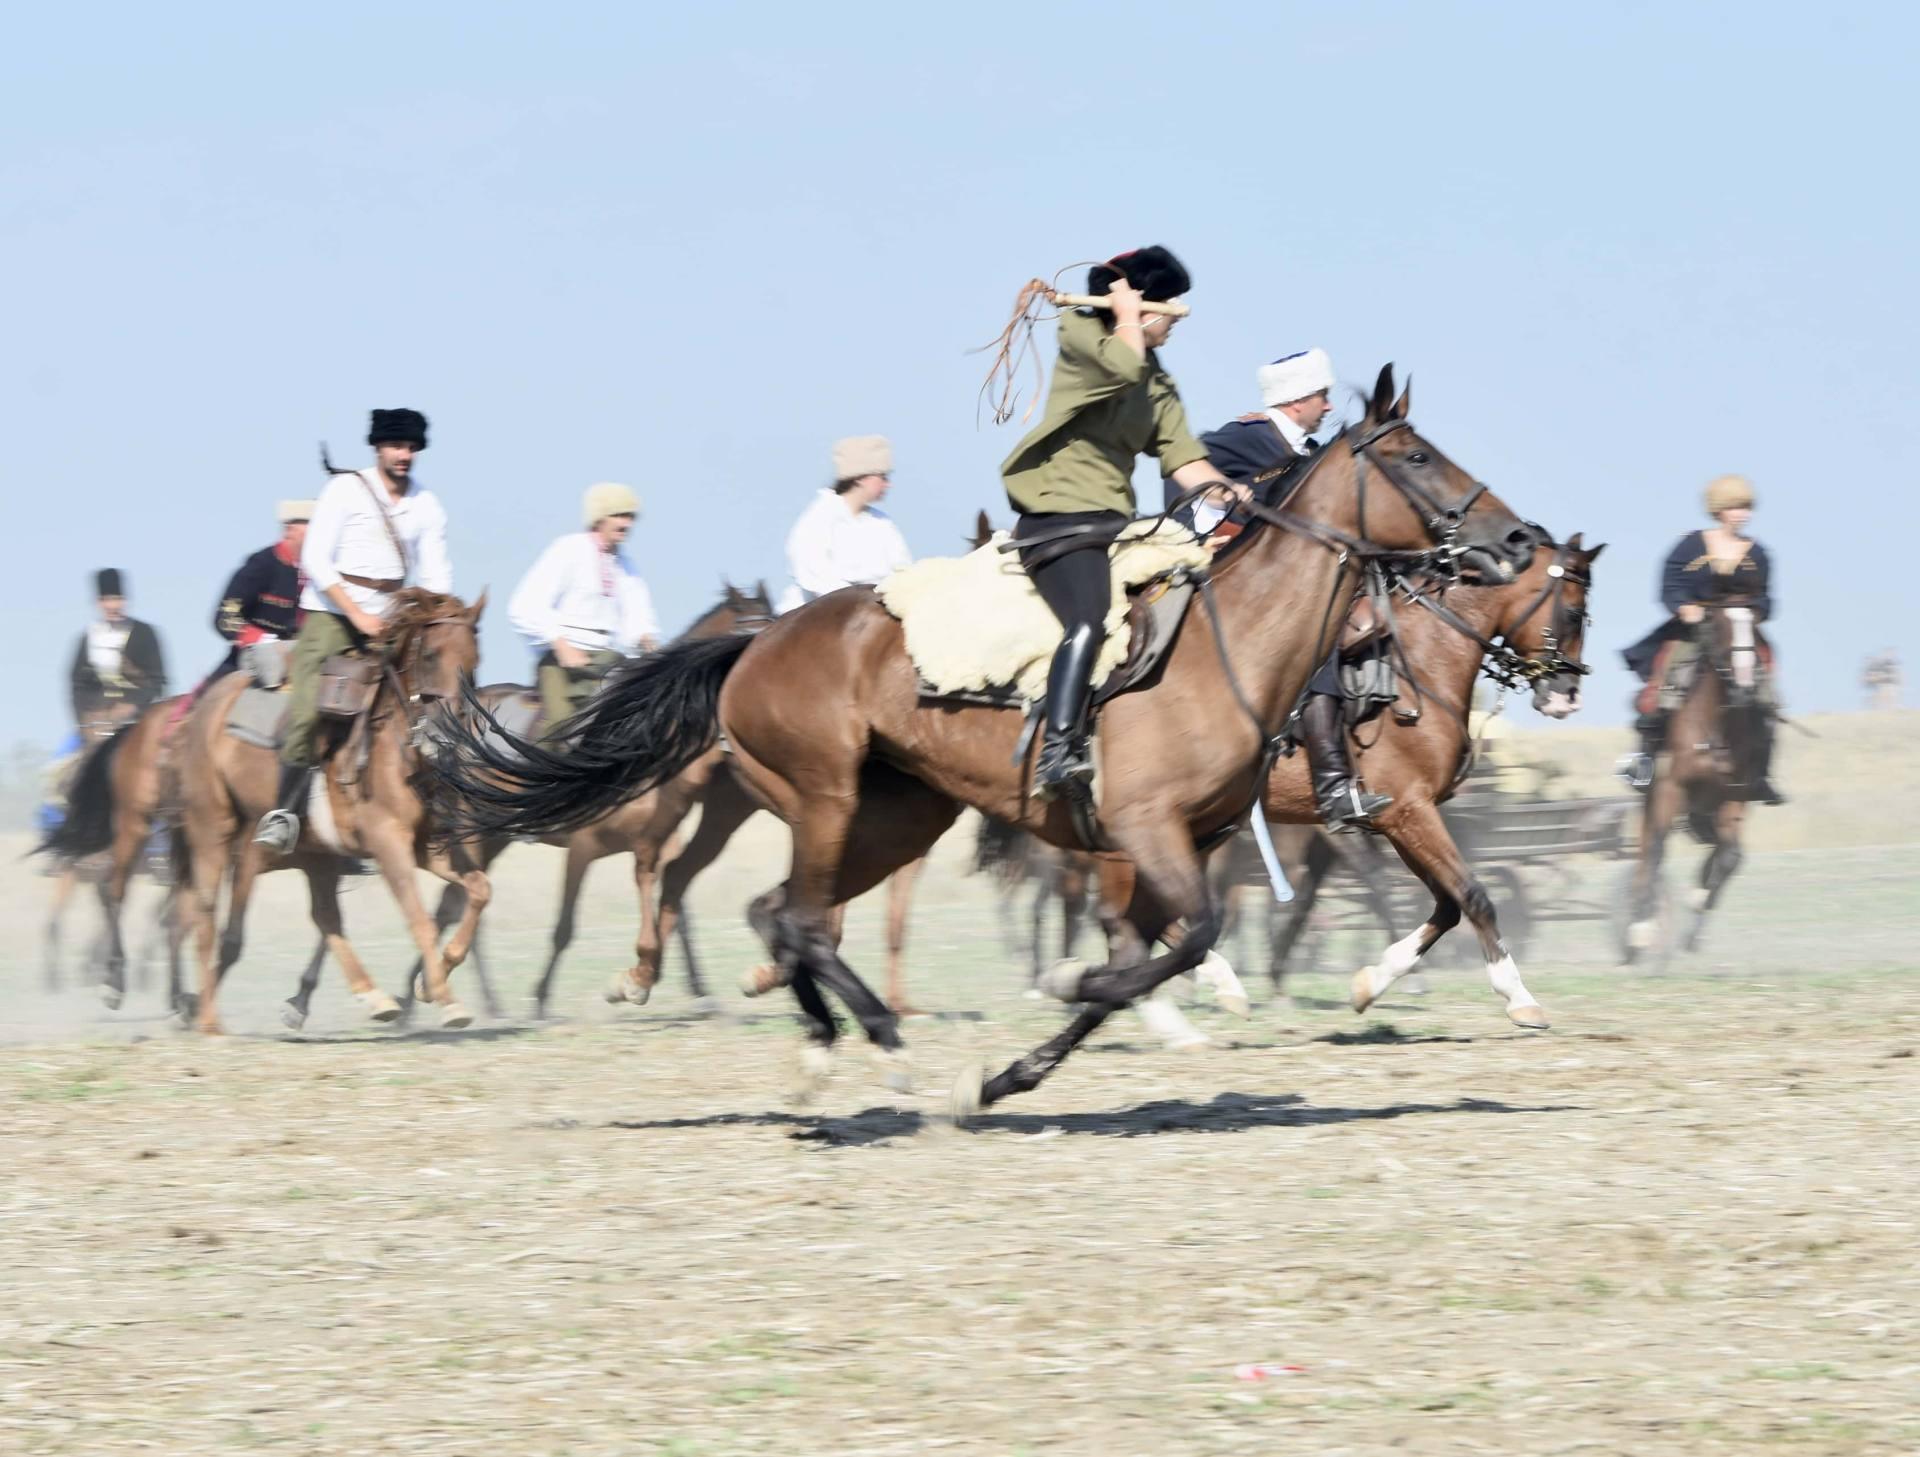 dsc 0899 Czas szabli - 100 rocznica bitwy pod Komarowem(zdjęcia)